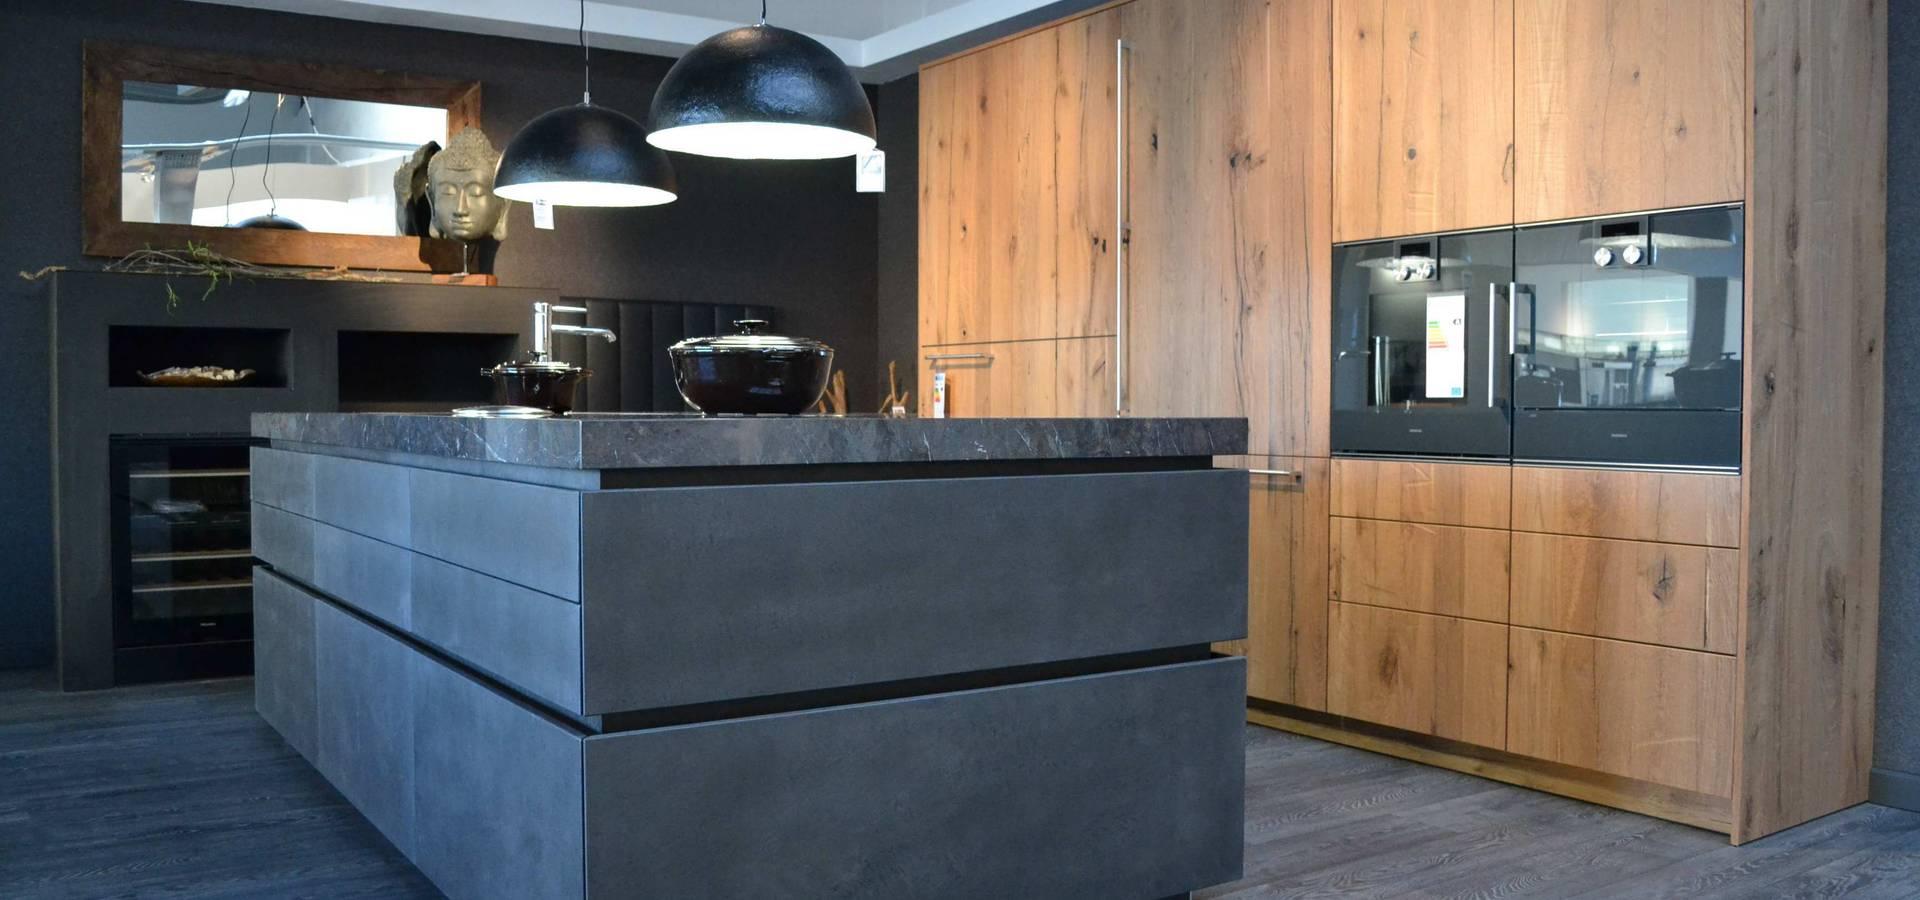 wohn und k chendesign meyer gmbh k chenplaner in eitensheim homify. Black Bedroom Furniture Sets. Home Design Ideas